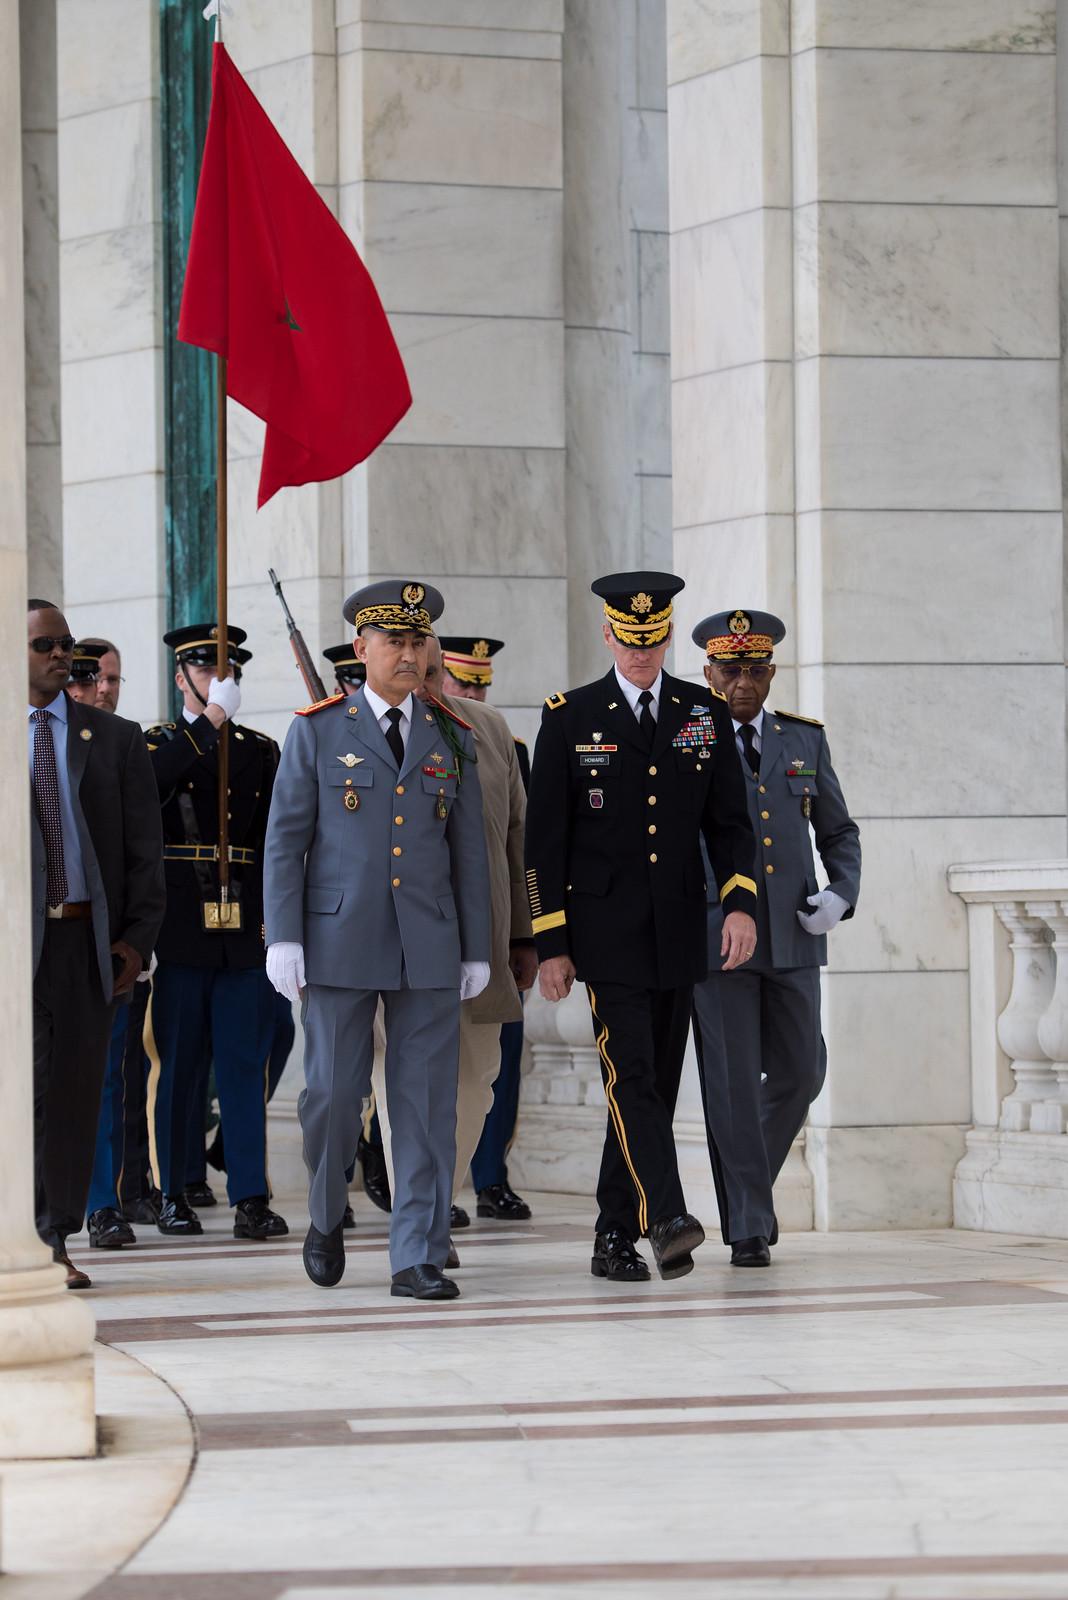 Cooperation militaire avec les USA - Page 5 41373842452_ca835145d0_h